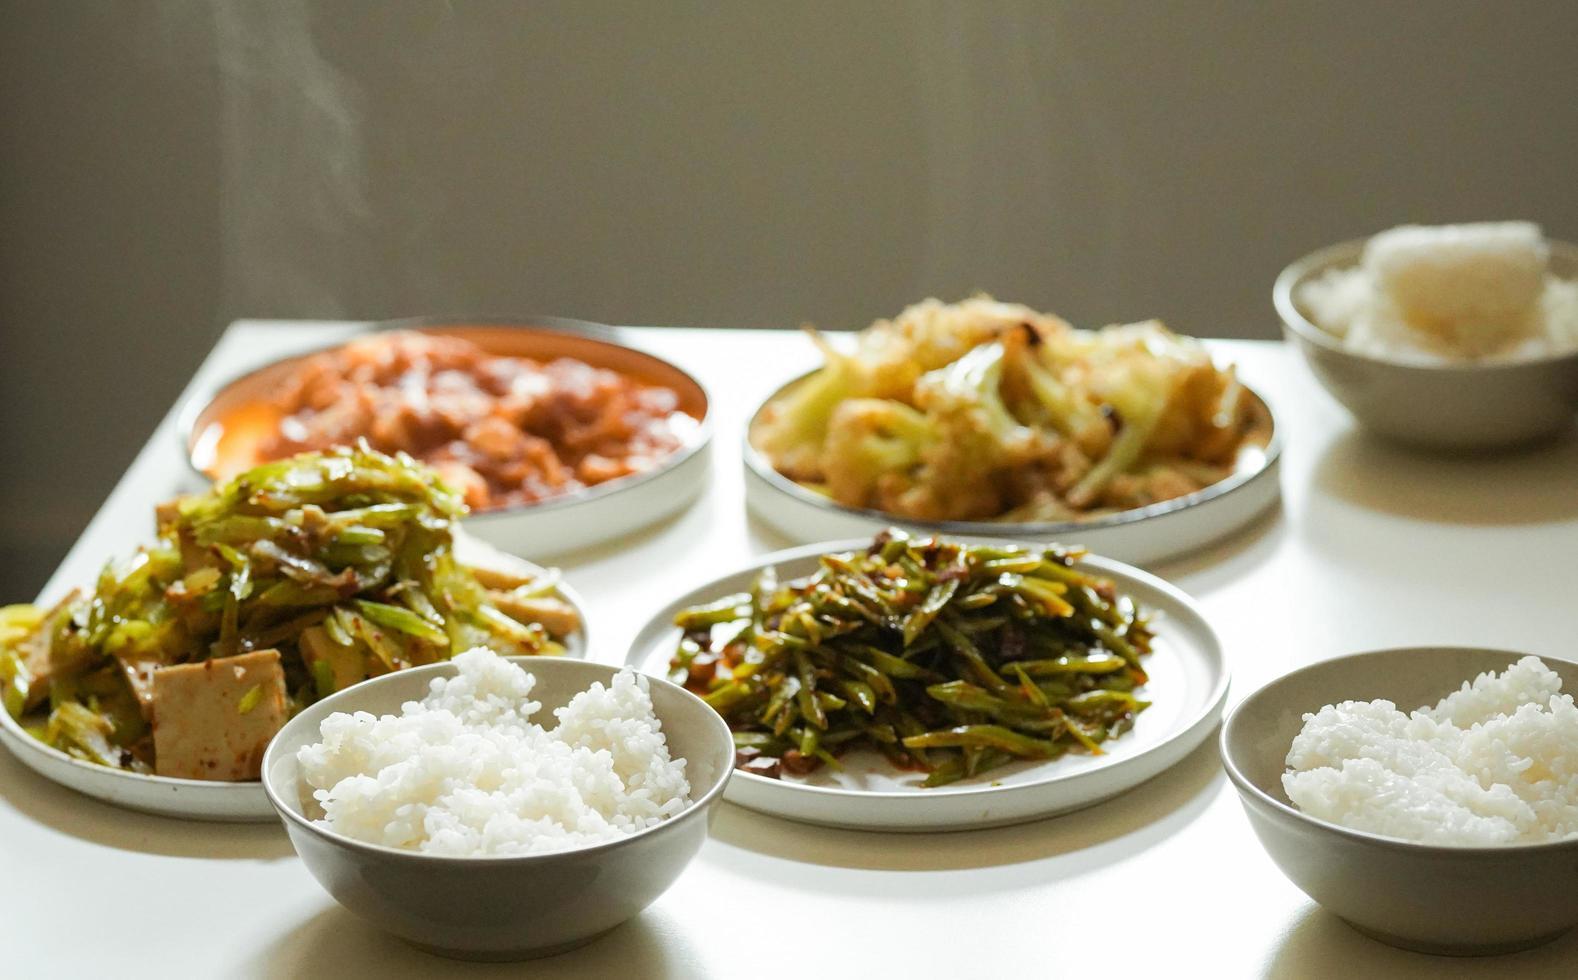 asiatische Küche Gerichte auf dem Tisch foto